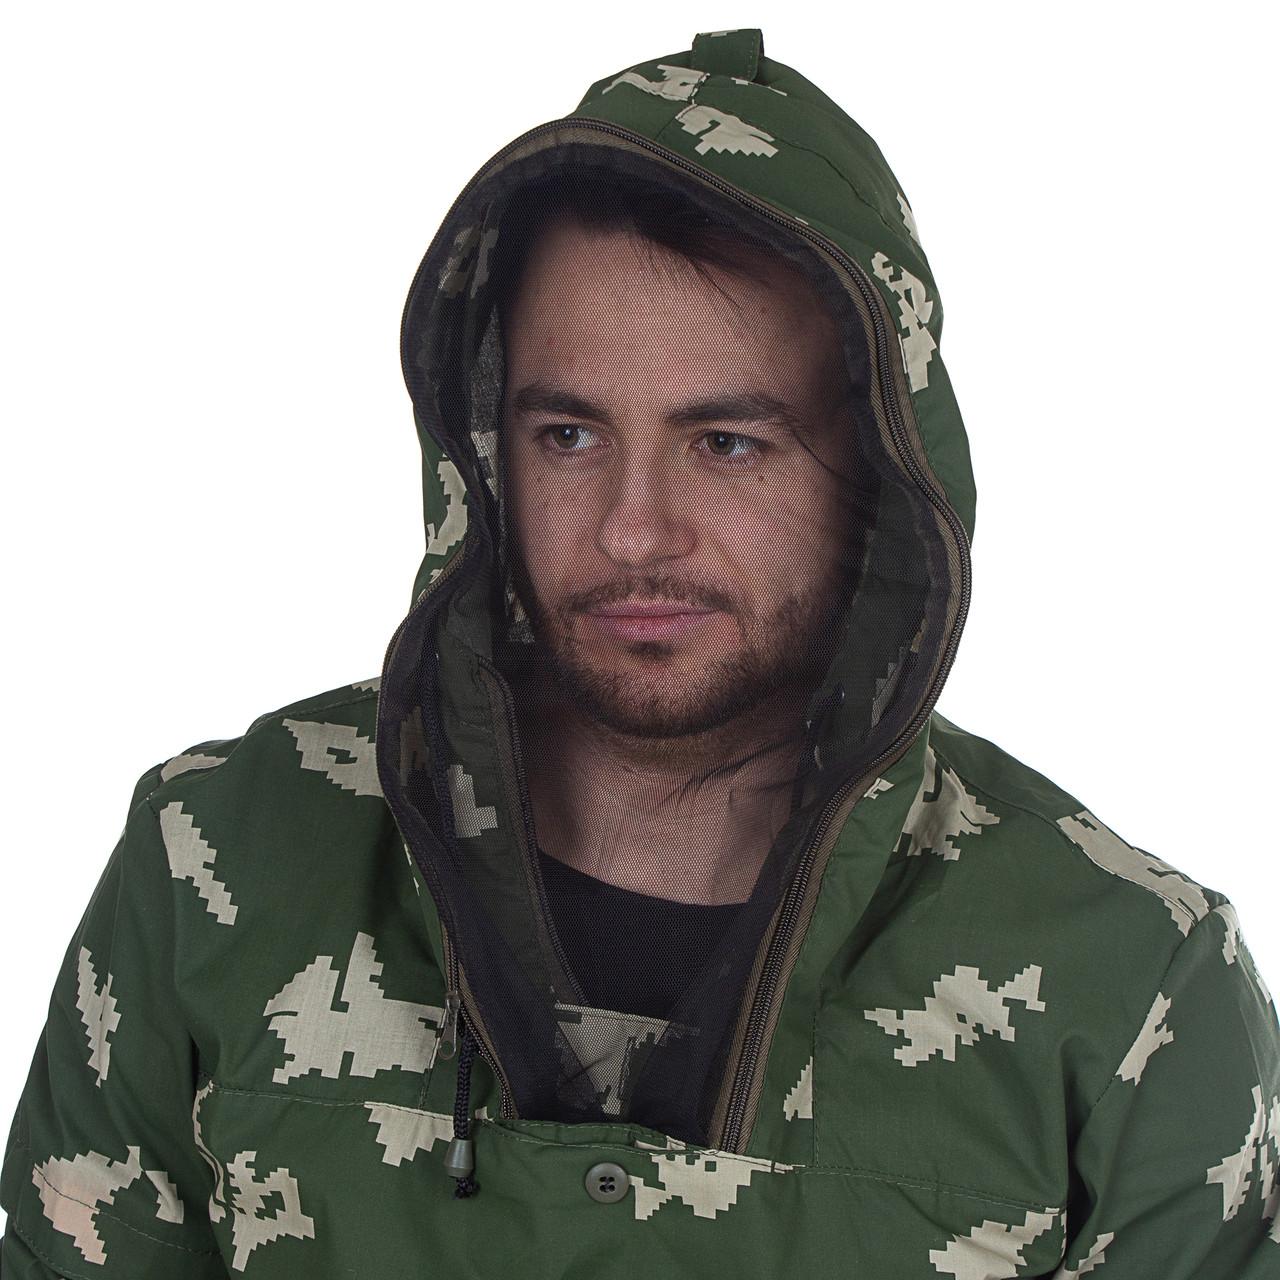 Костюм для охоты и рыбалки летний Антигнус цвет Березка ткань Смесовая Сорочка Размеры от44до64 - фото 5